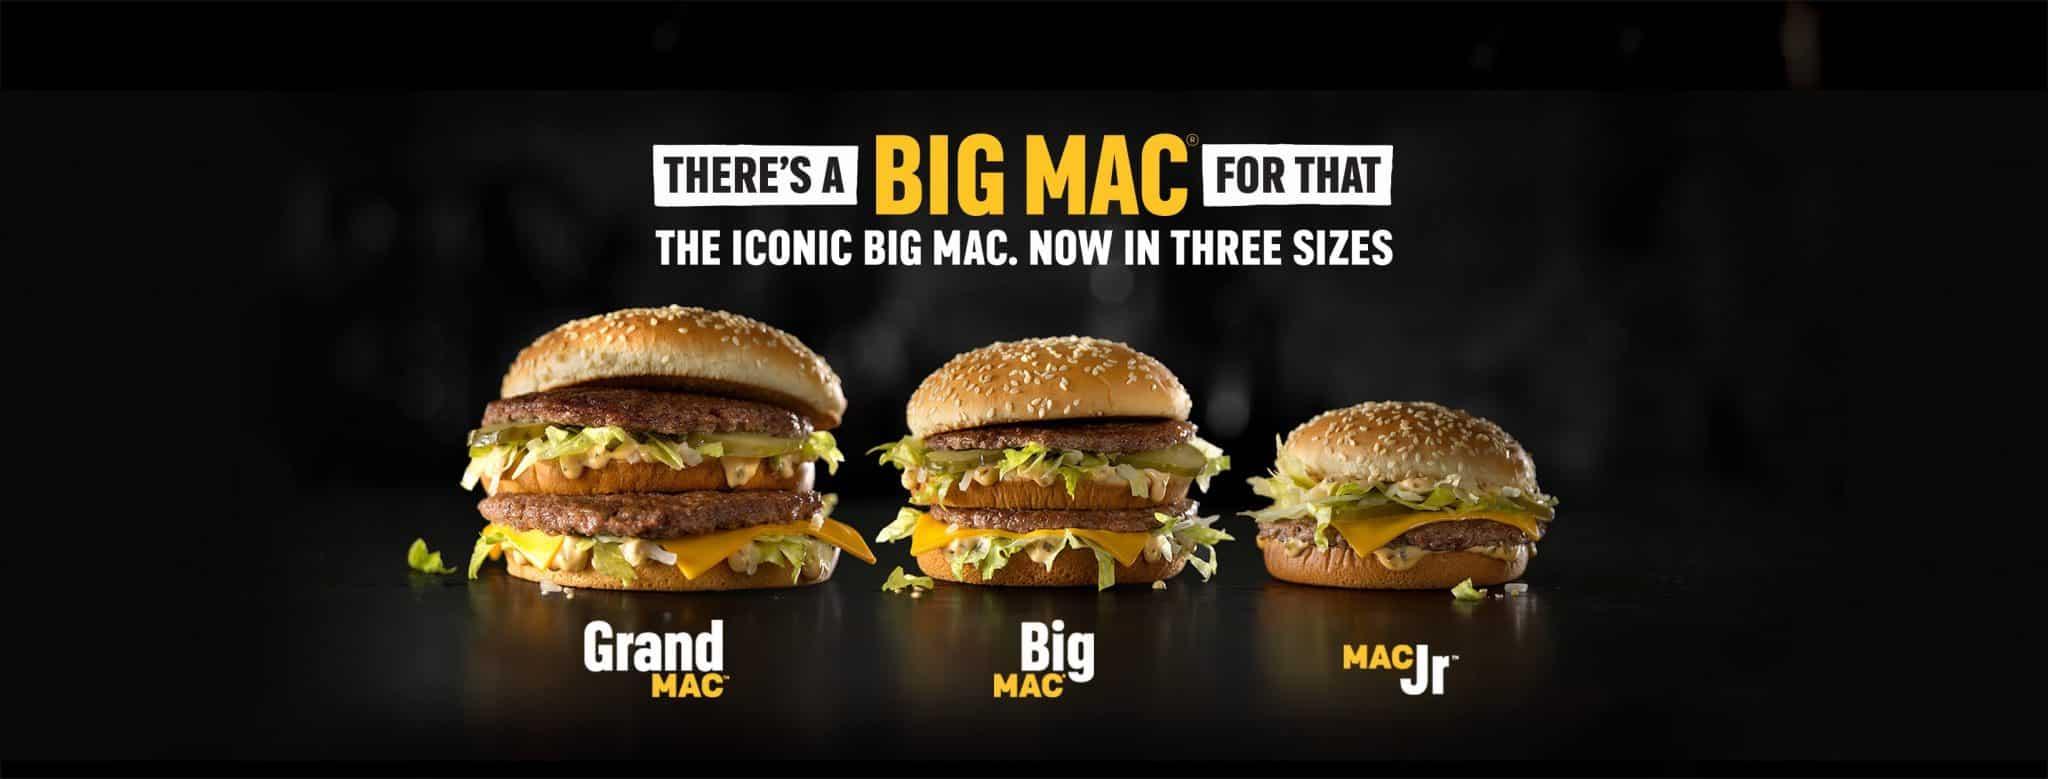 Small Big Mac Meal & Extra Cheeseburger